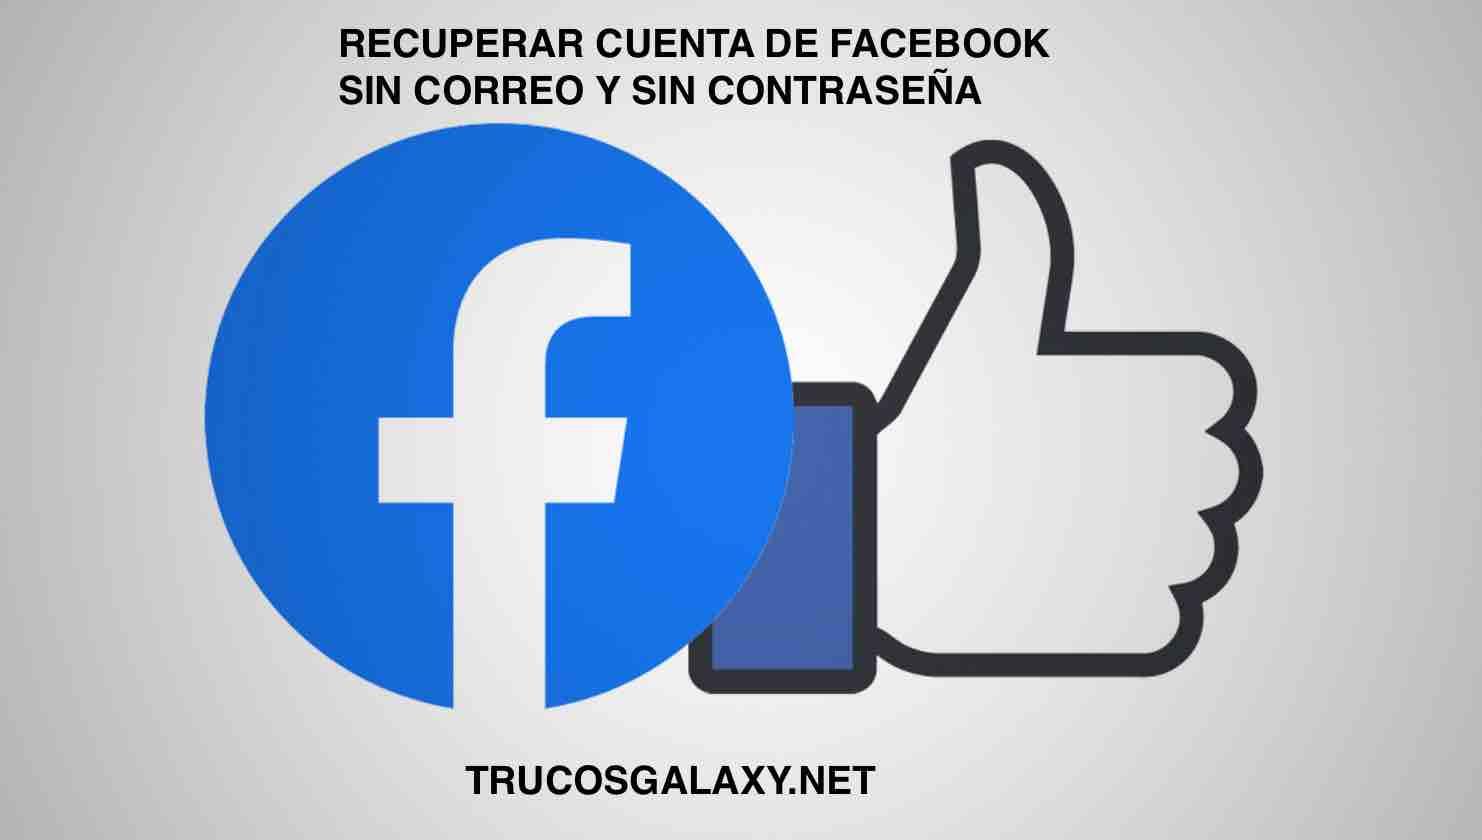 2019 Cómo Recuperar La Contraseña De Facebook Sin Correo Y Sin Cambiarla Trucos Galaxy